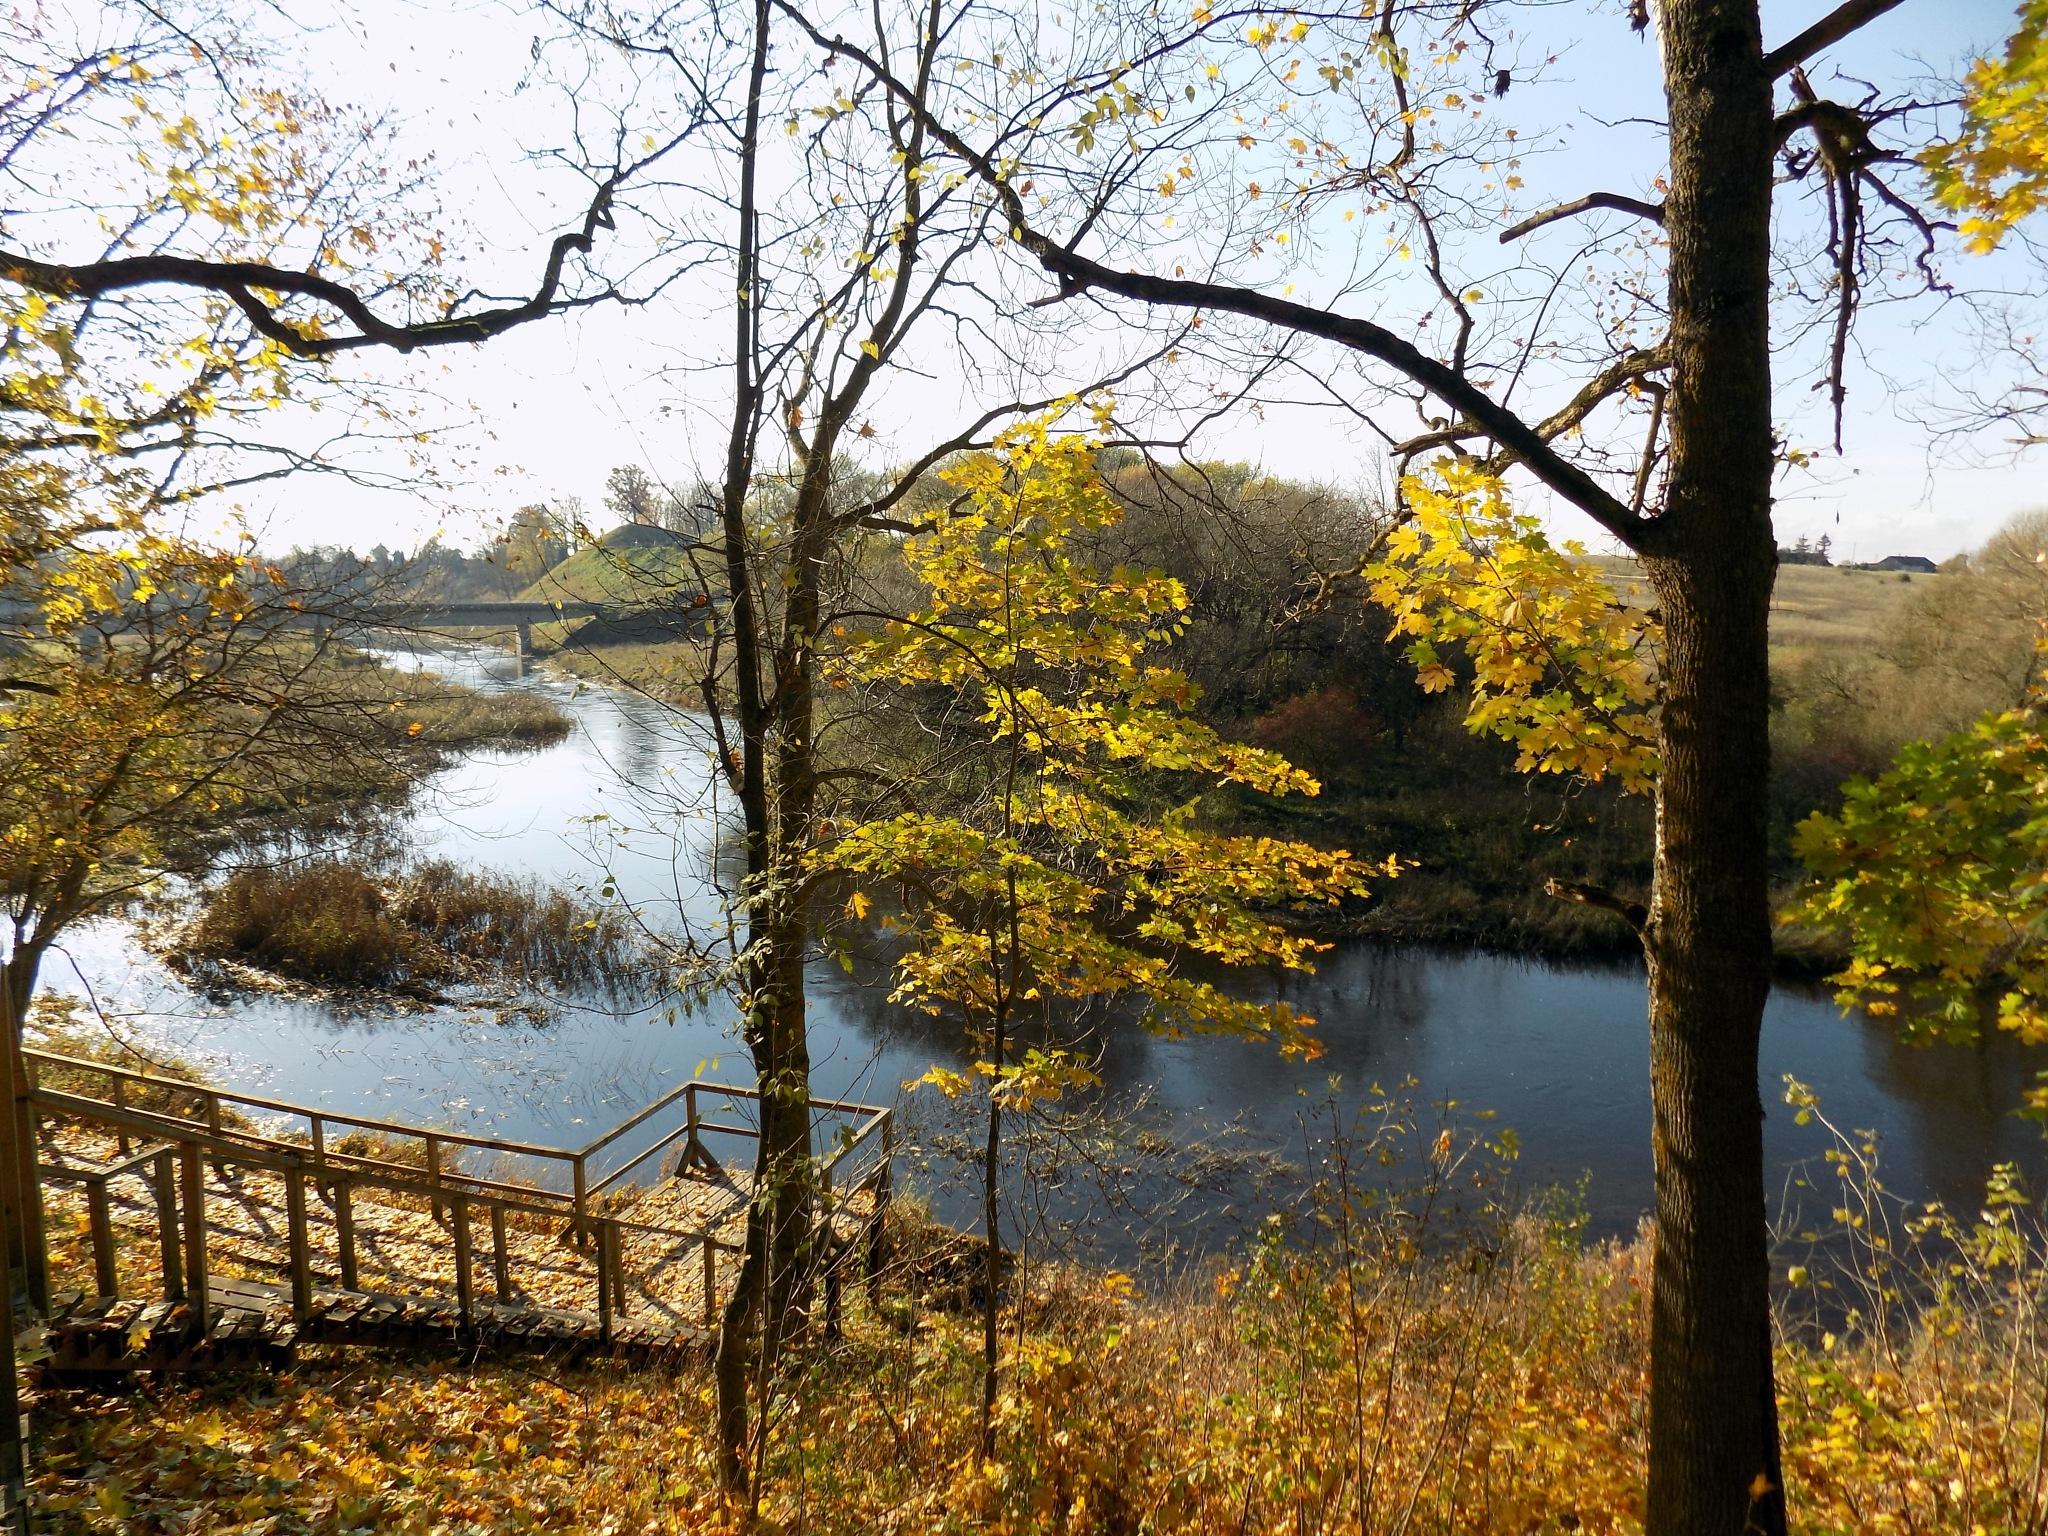 Nature in the autumn by uzkuraitiene62